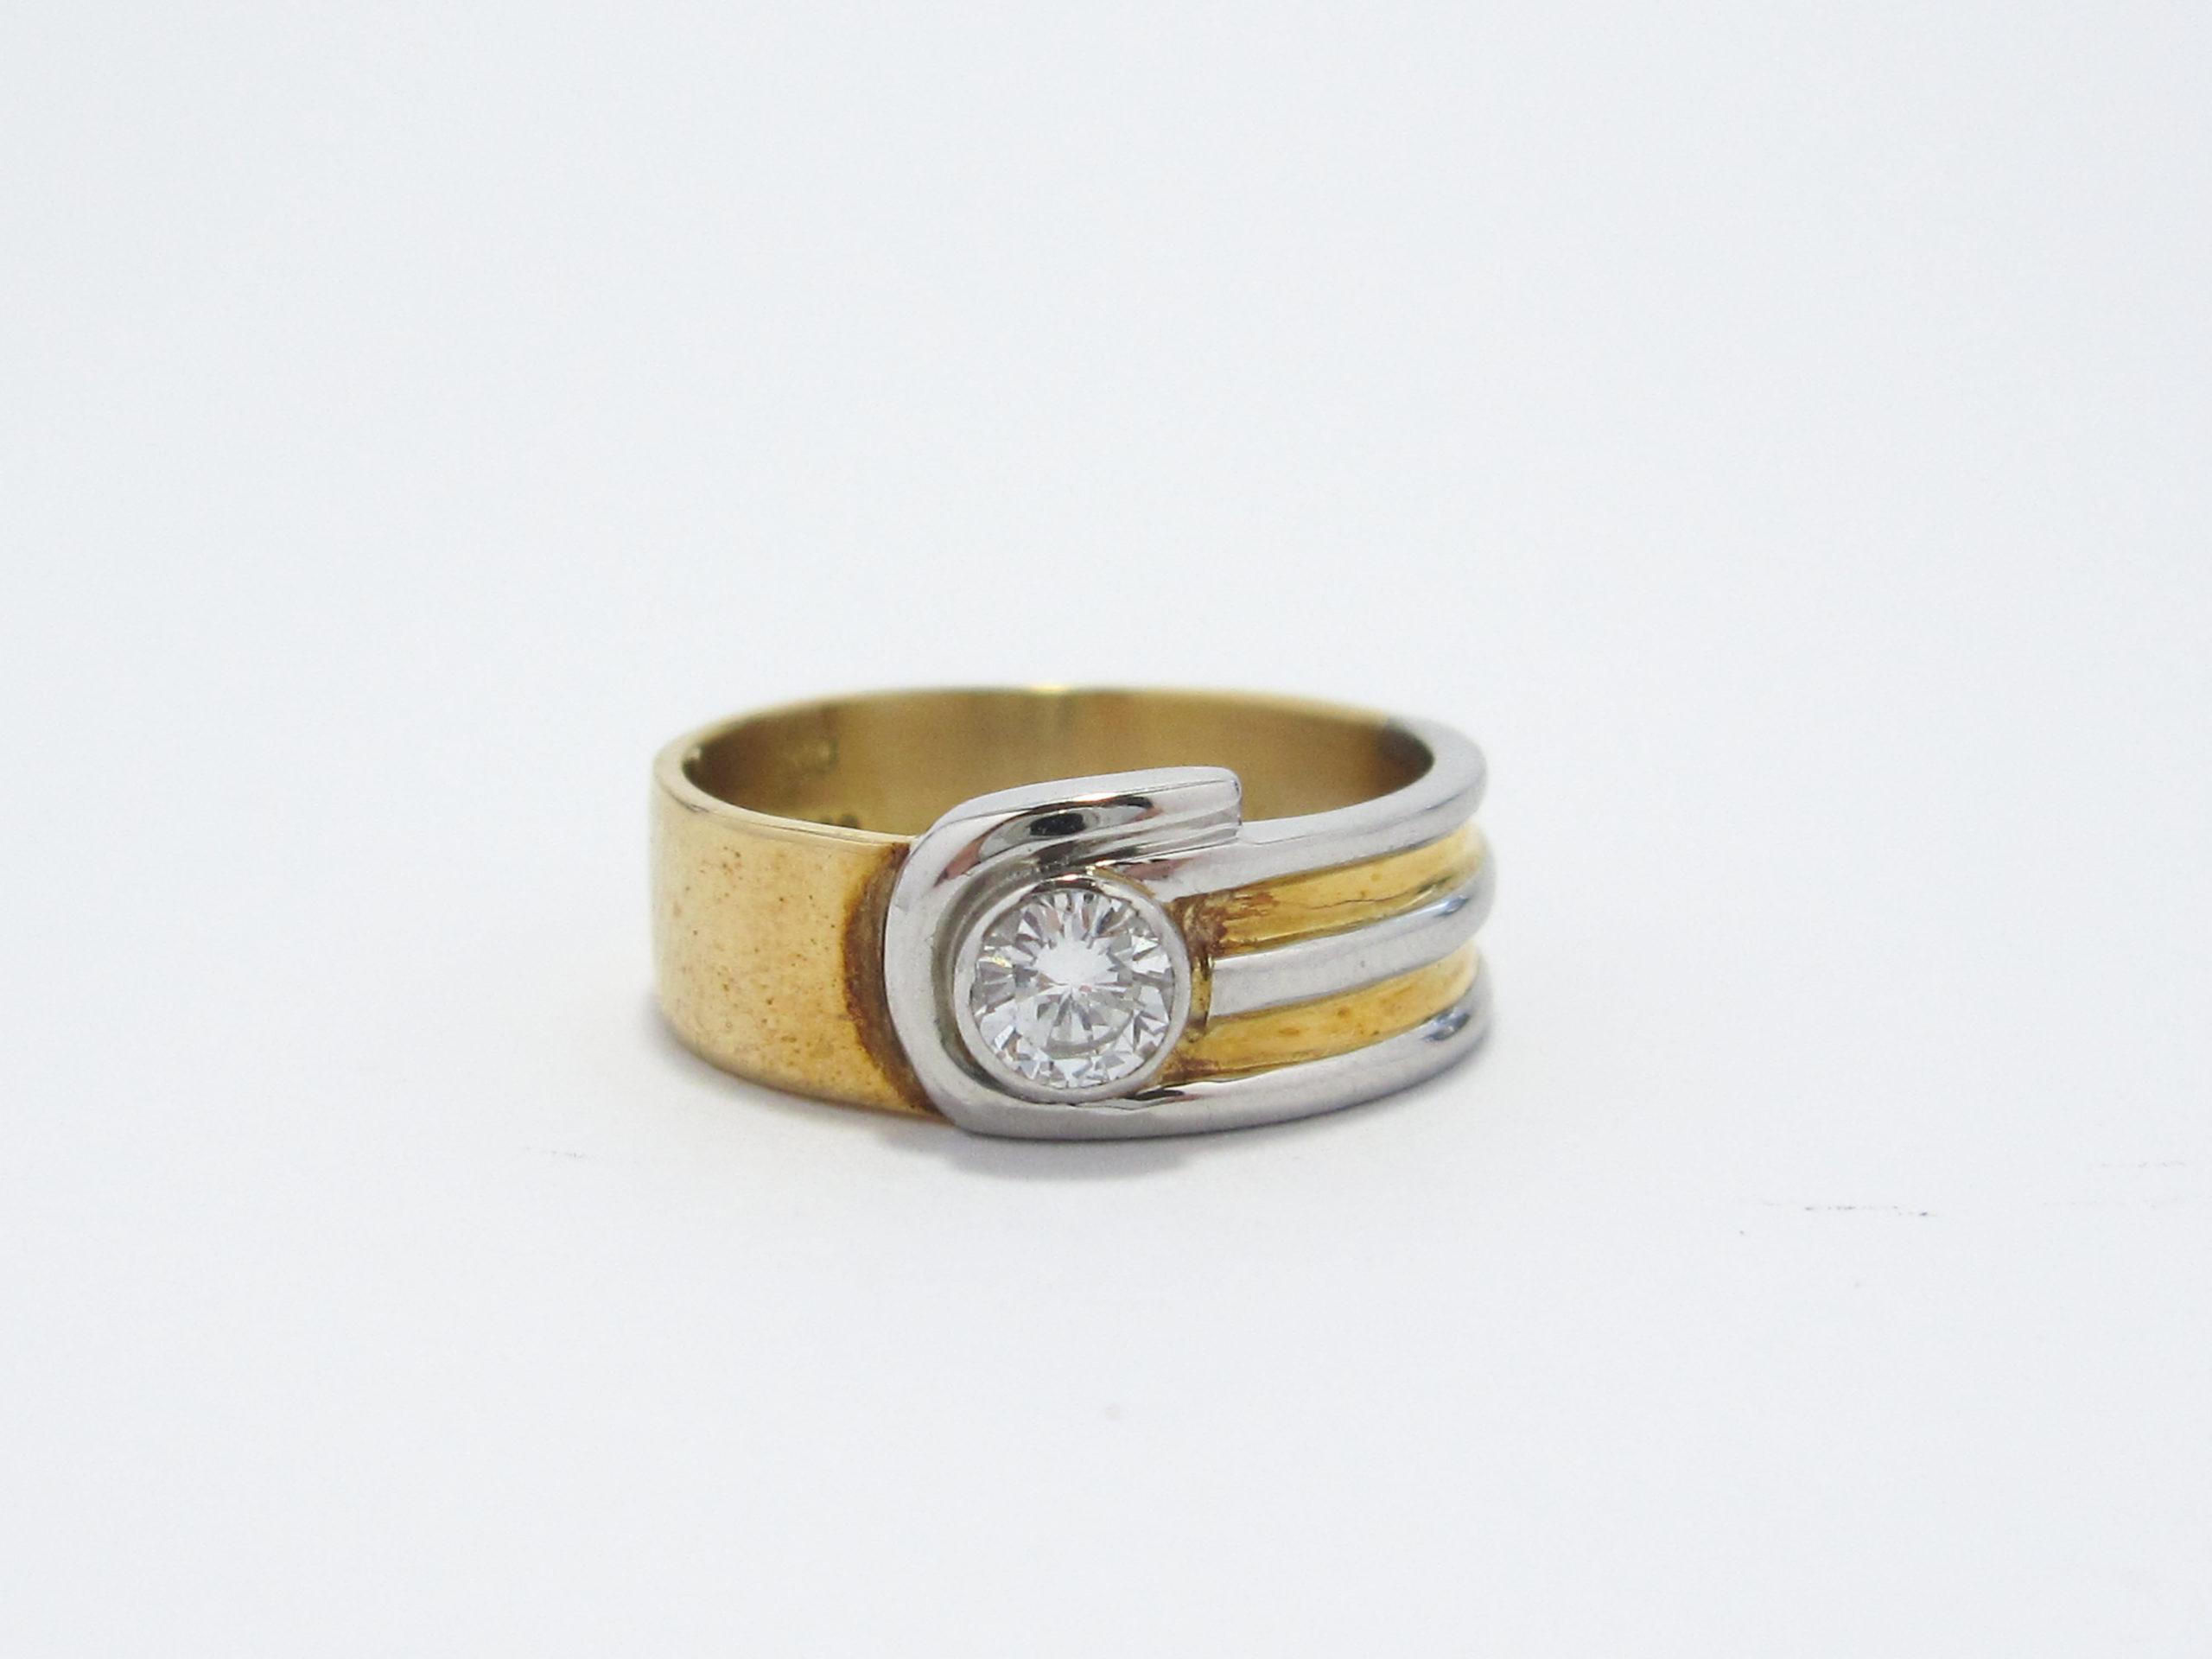 【Before】リングのダイヤモンドを有効活用!可愛いペンダントに生まれ変わりました。